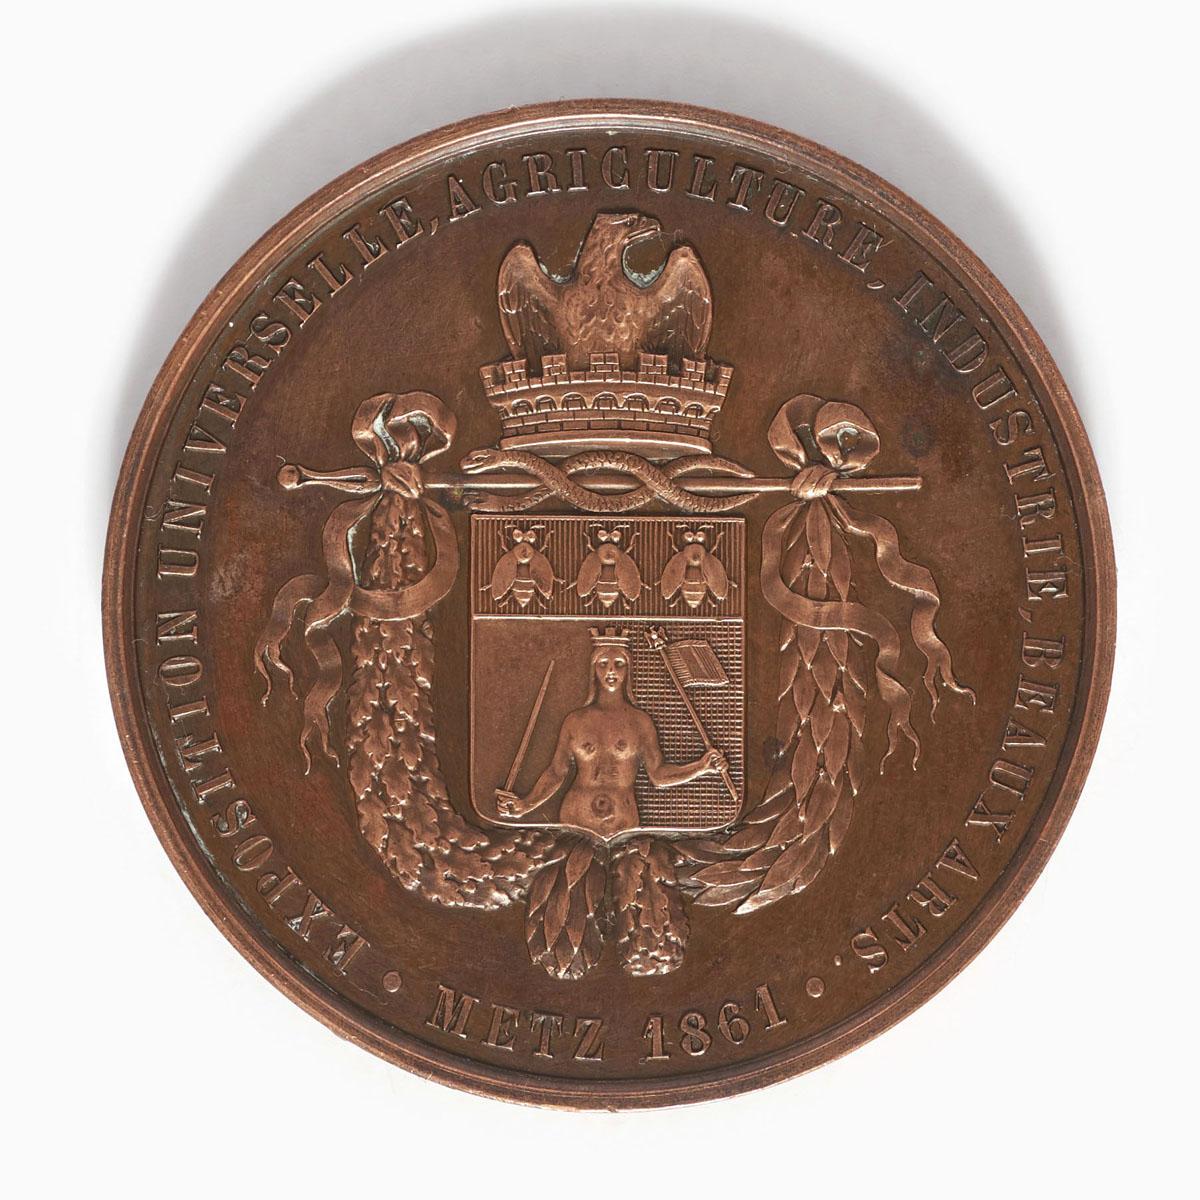 Photographie de l'avers de la médaille